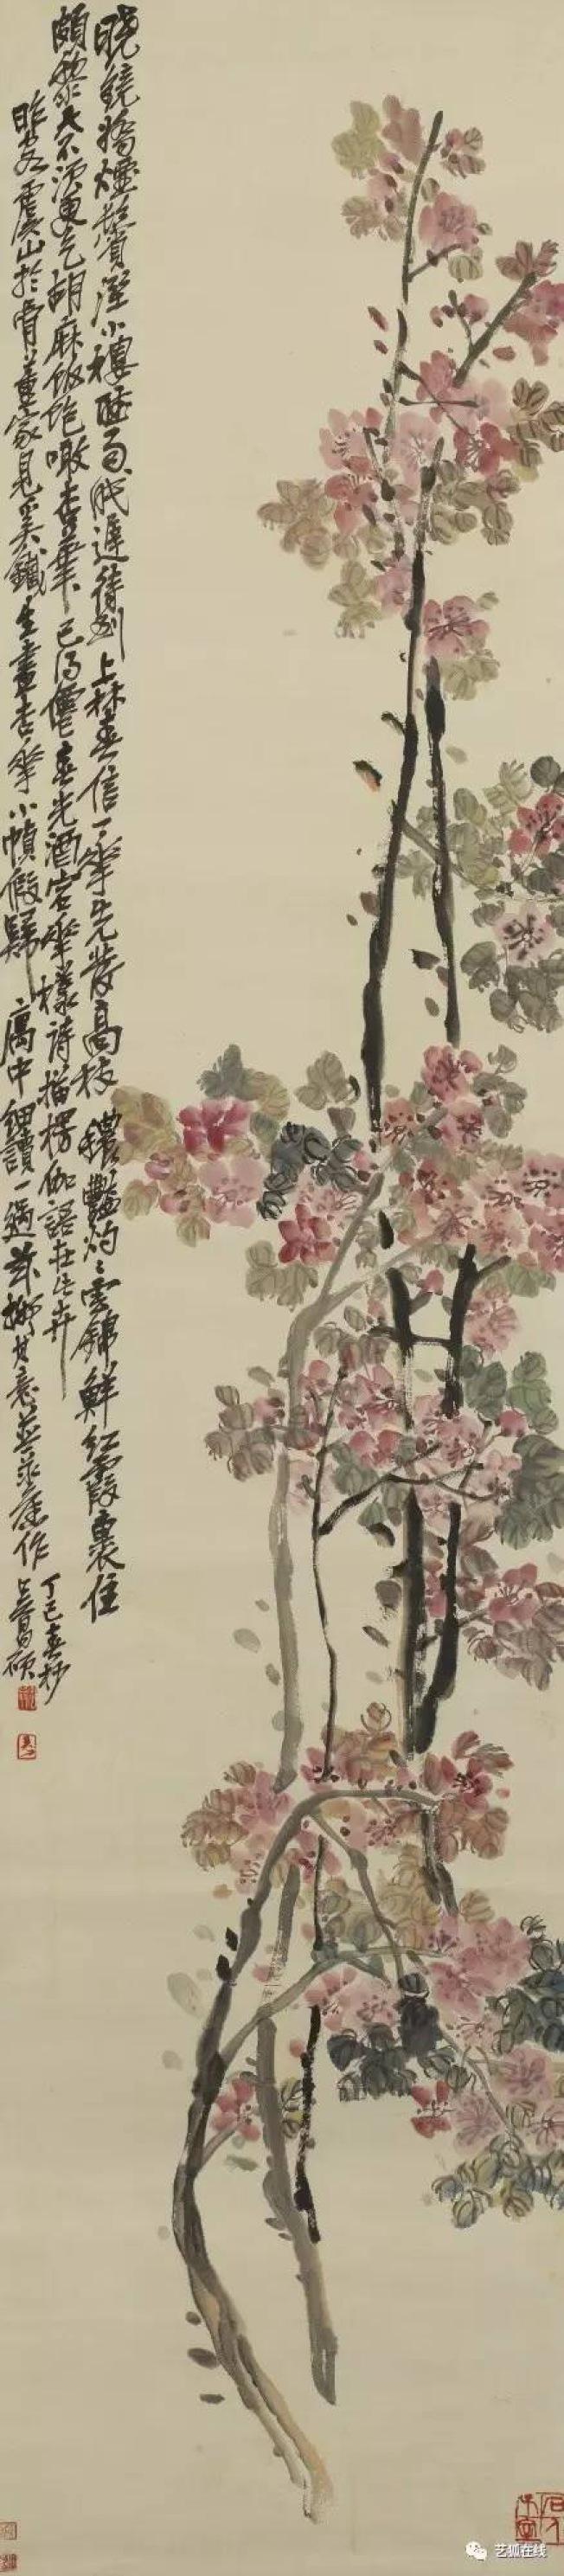 吳昌碩(1844-1927)「杏花」,設色紙本立軸,估價6萬至8萬元,成交價17萬5000美元。(紐約蘇富比)